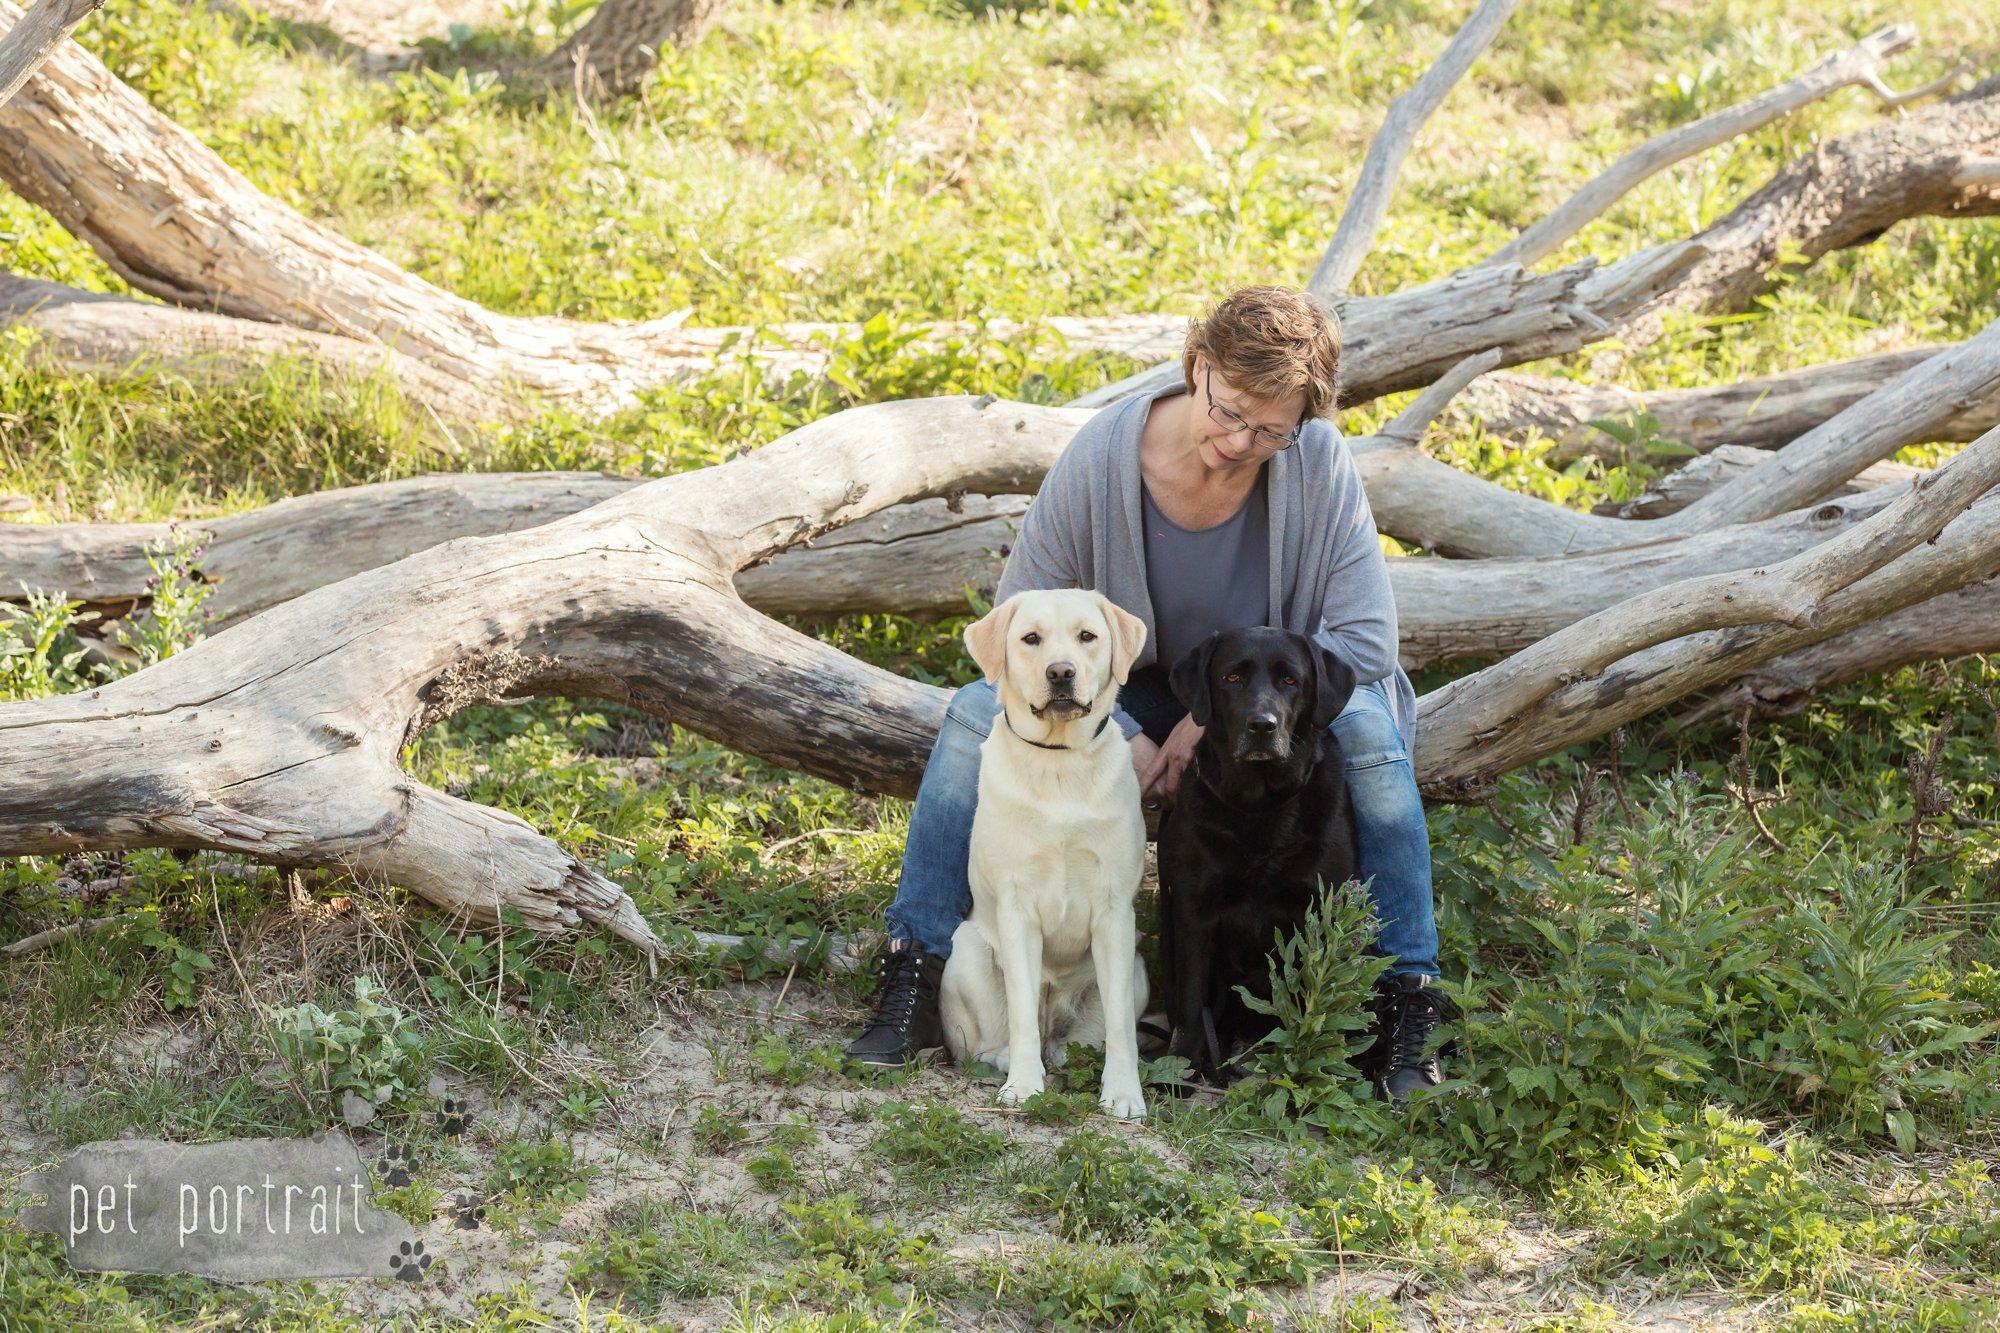 Hondenfotograaf Wassenaar - Beloved Dier en Baasje fotoshoot in de duinen-5